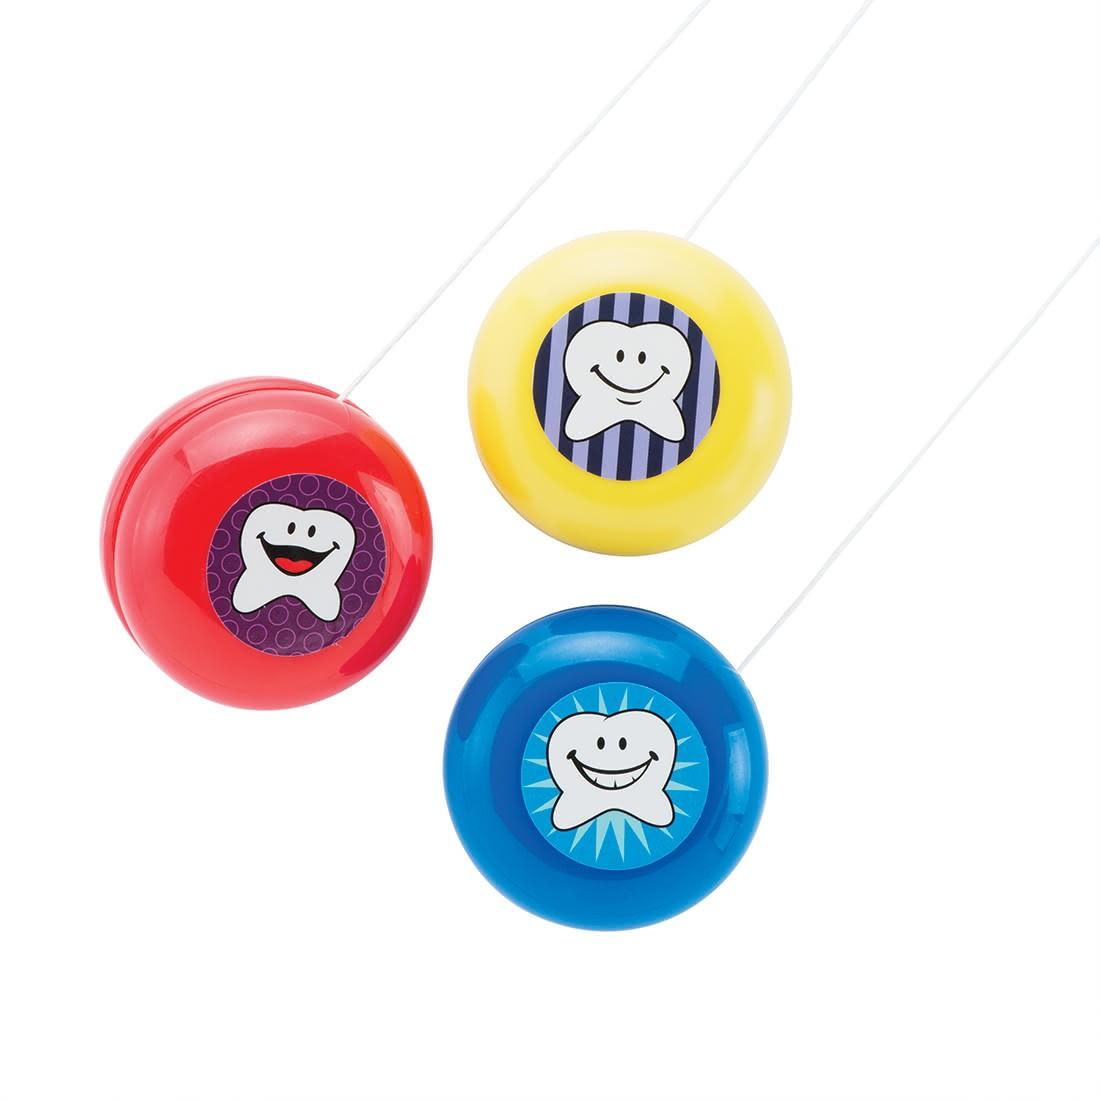 Happy Tooth Yo-yos   [image]